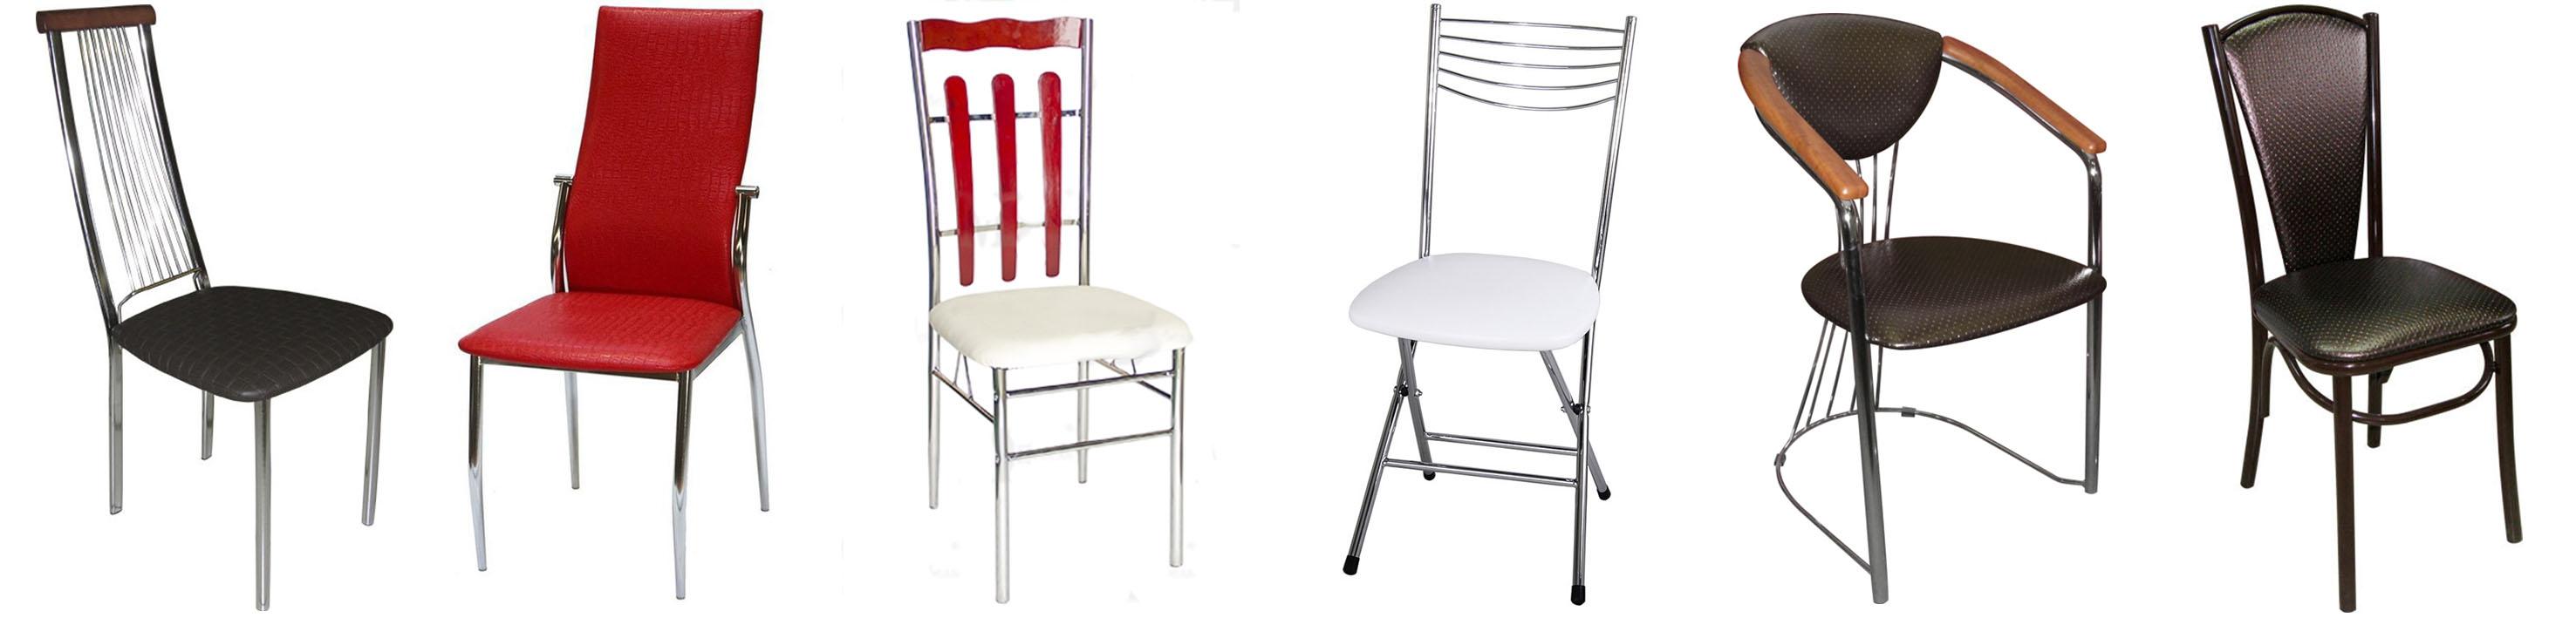 металлические_стулья.jpg